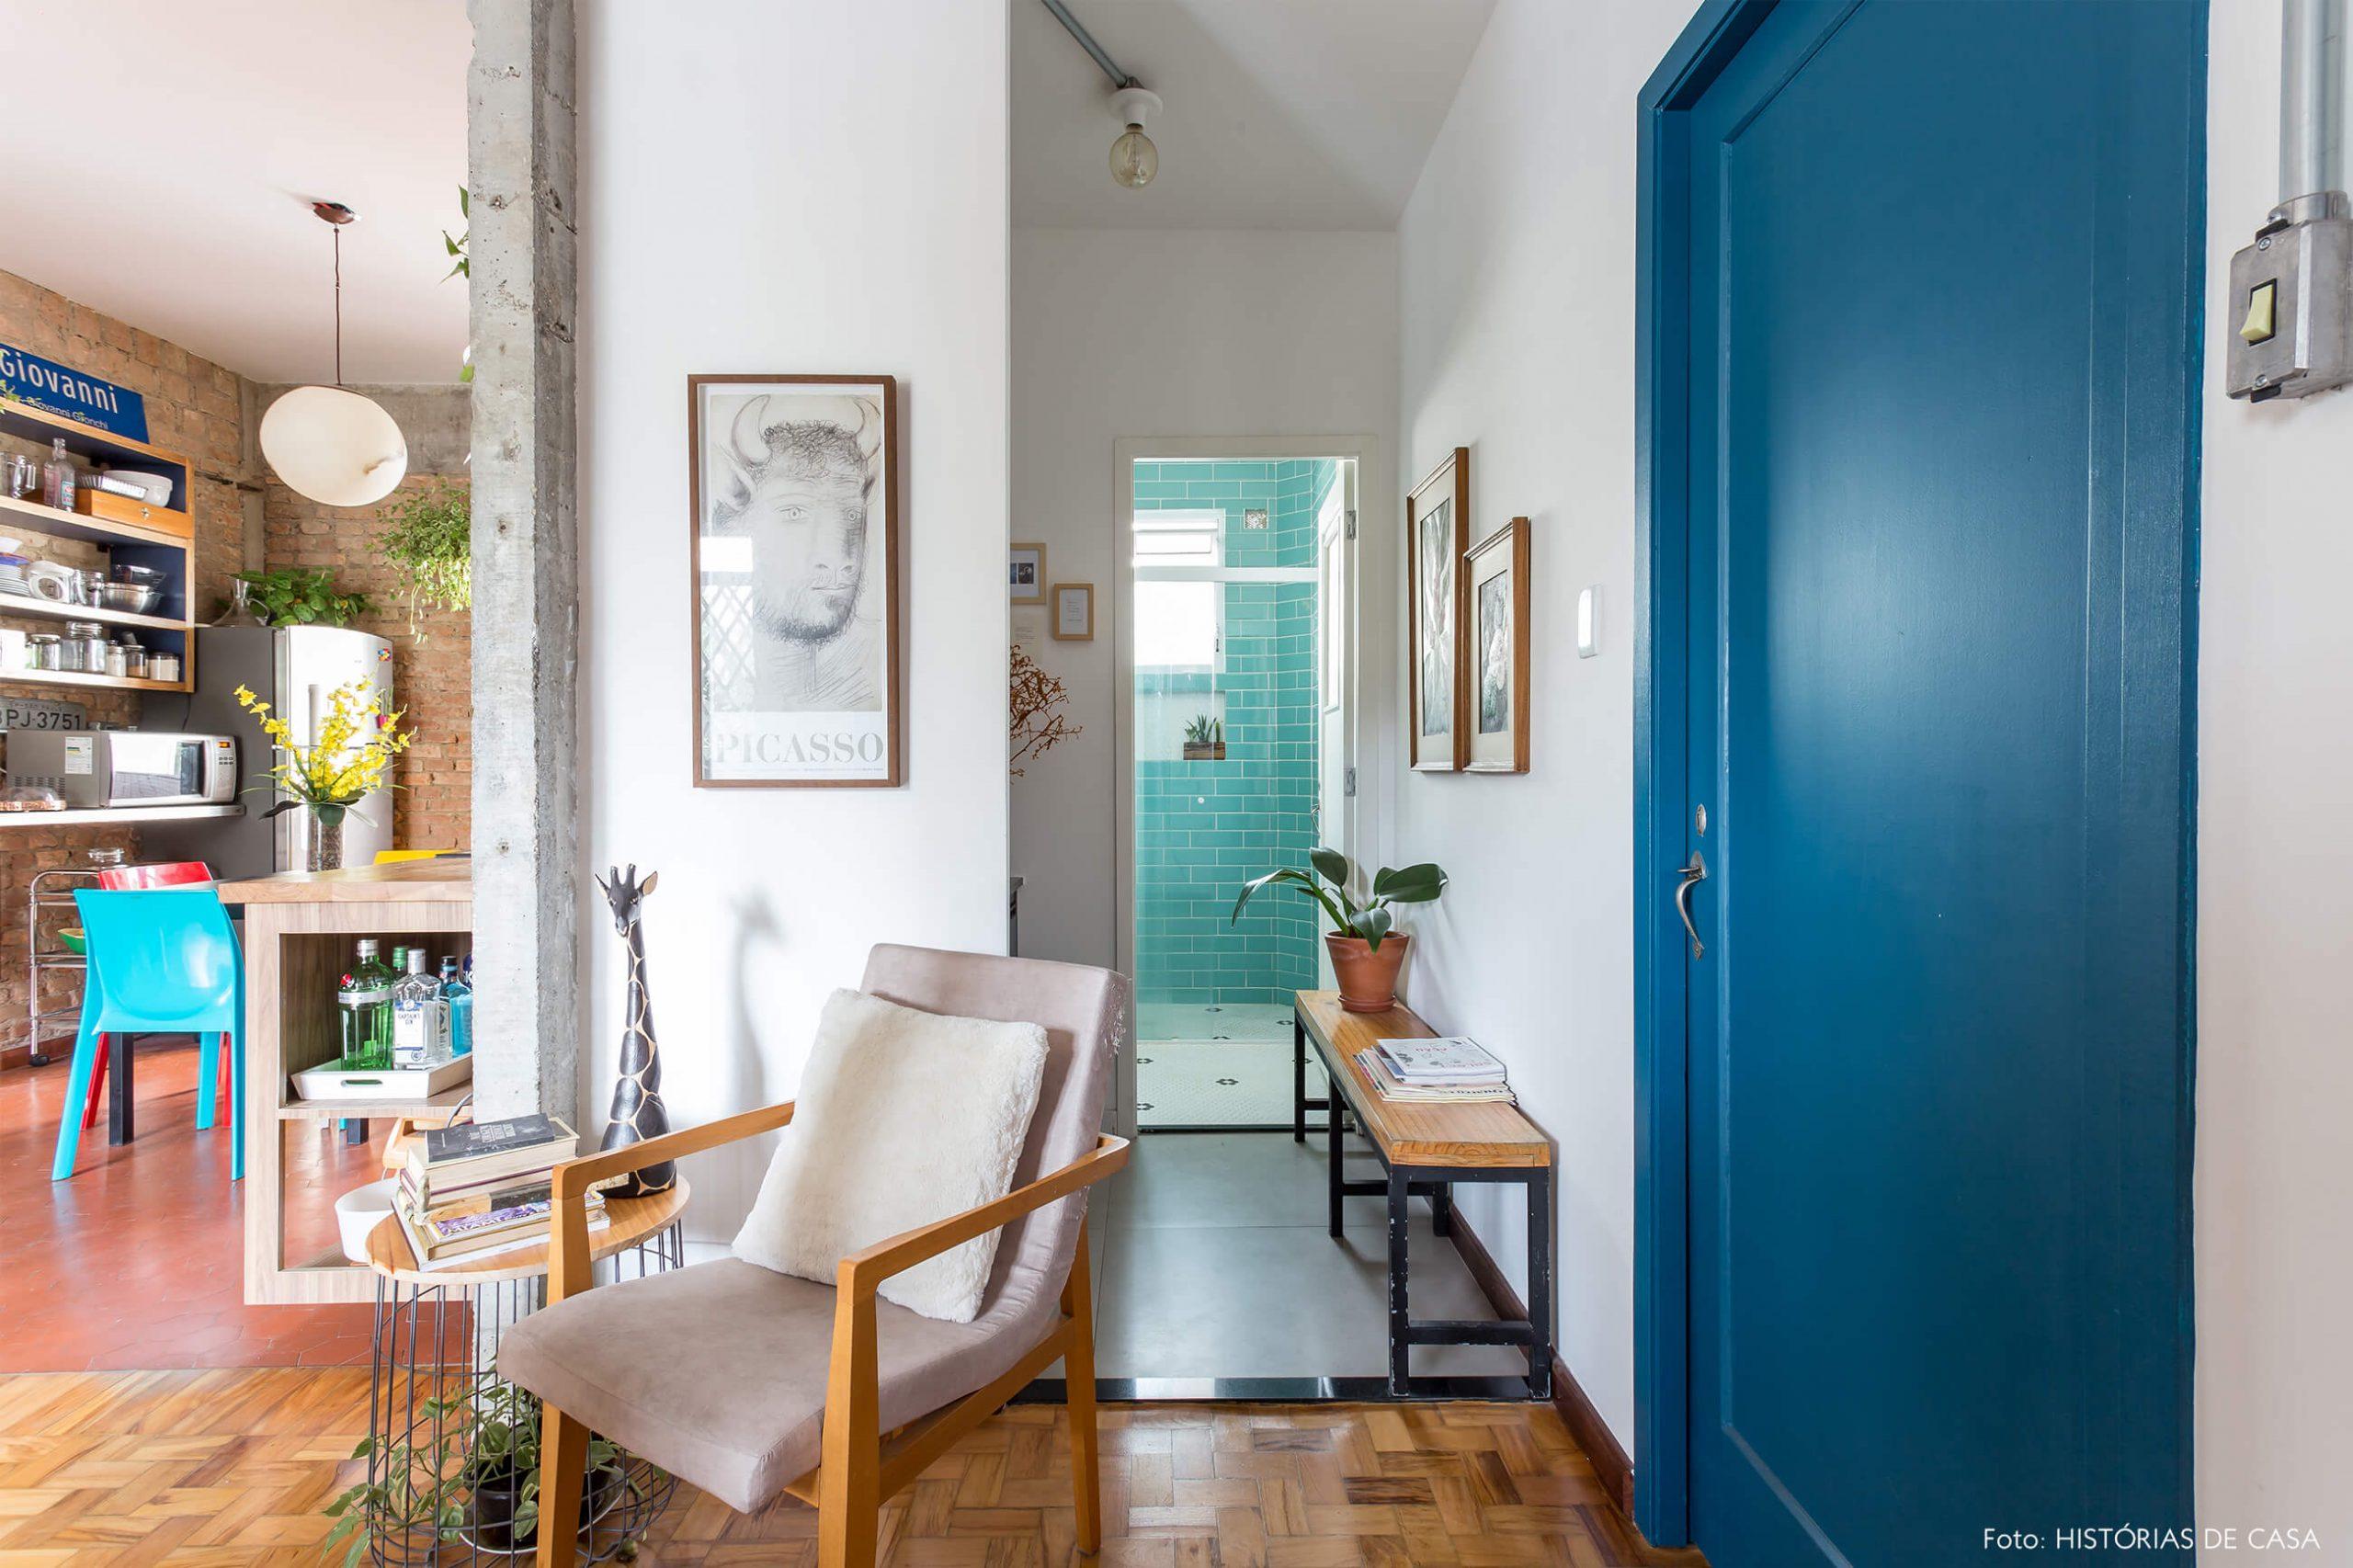 decoração cozinha e banheiro com azulejo azul e poltrona clara de madeira